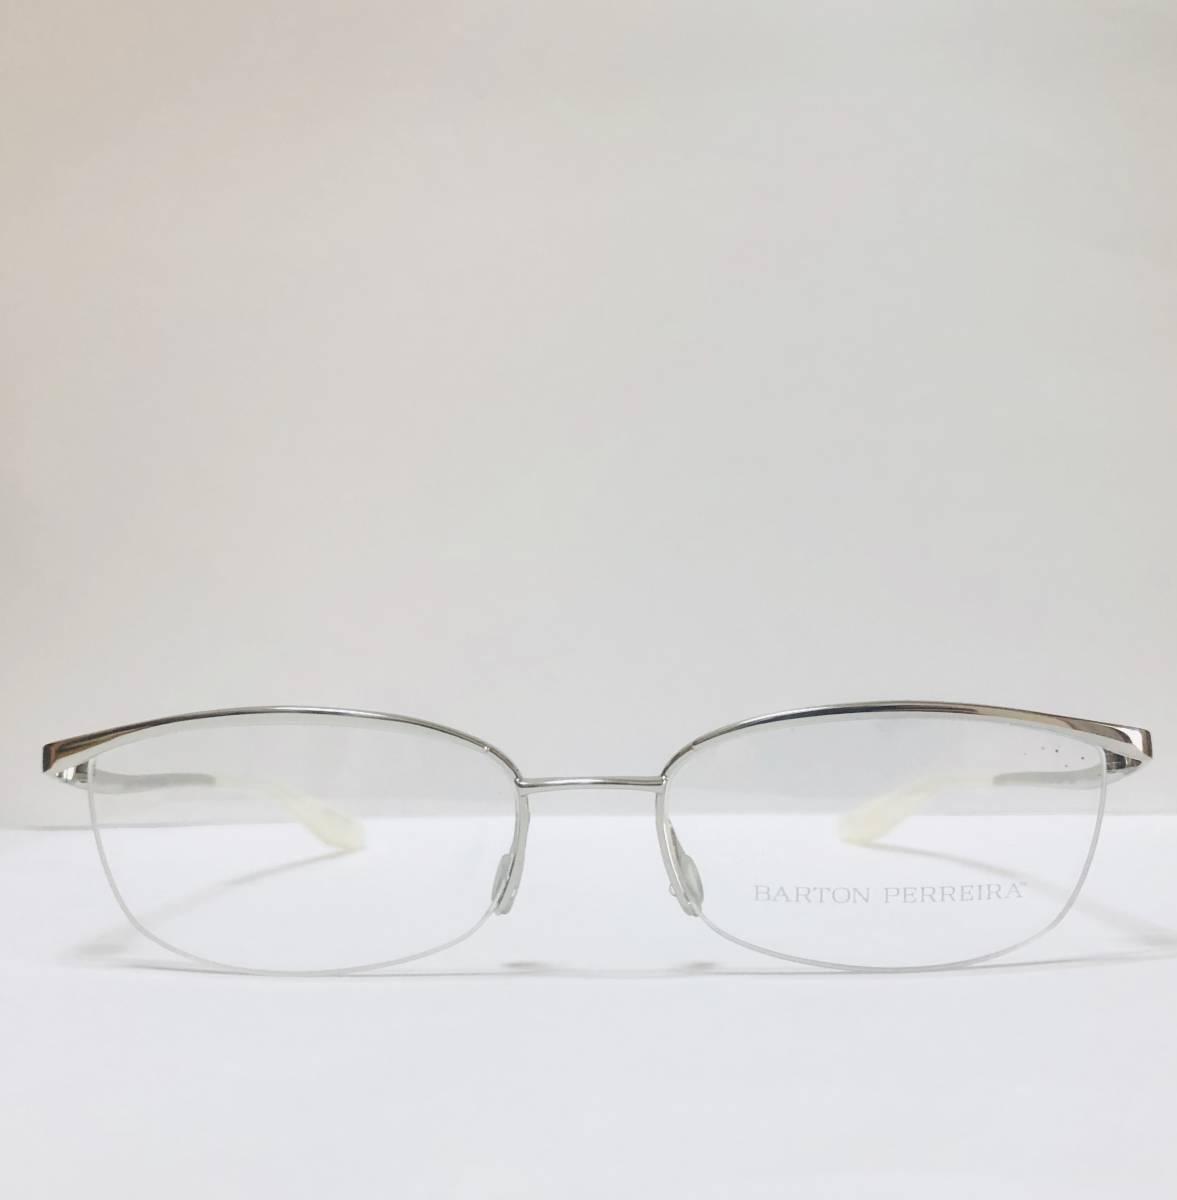 定価85800円 新品) 上流階級 バートンペレイラ ミア Barton Perreira 極上品 純正メガネ 付属品付き 日本製 米国ブランド_画像1